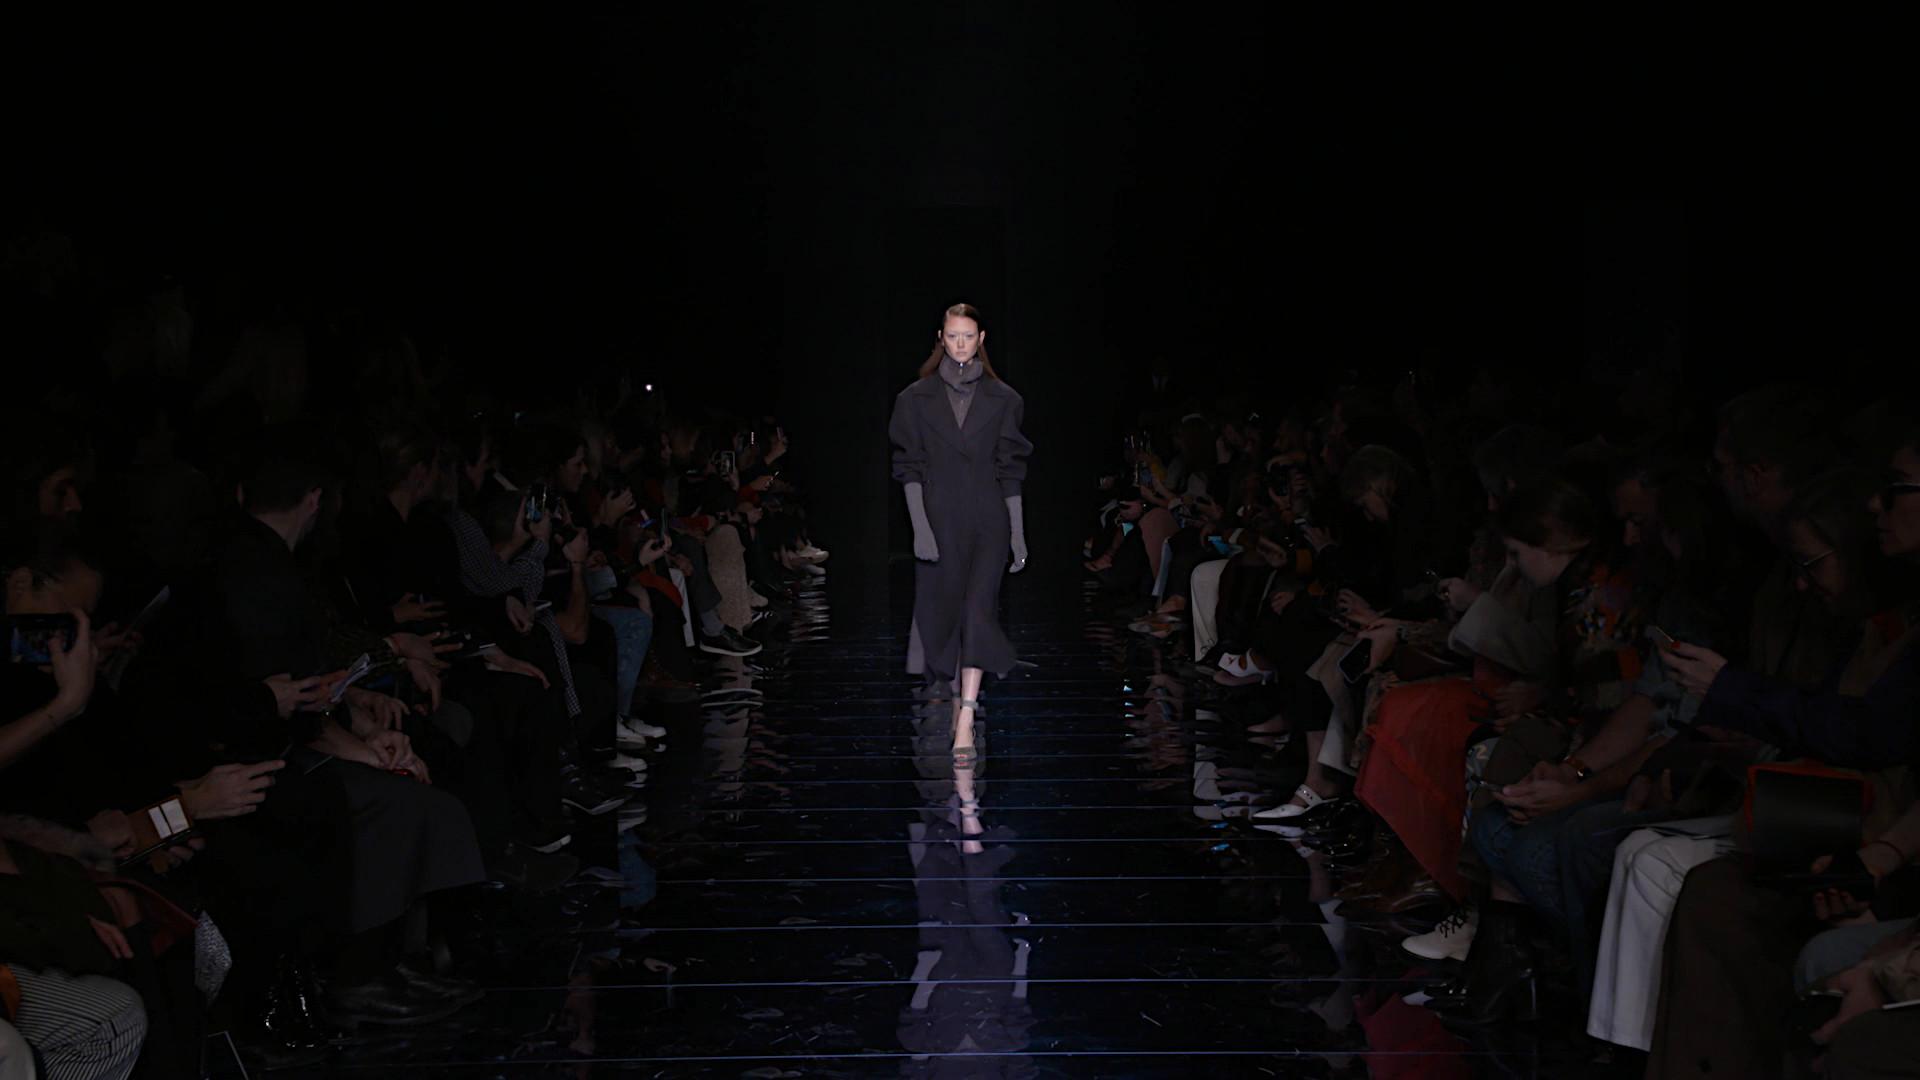 Sportmax Fall Winter 2020 Women's Fashion Show - Milan Fashion Week